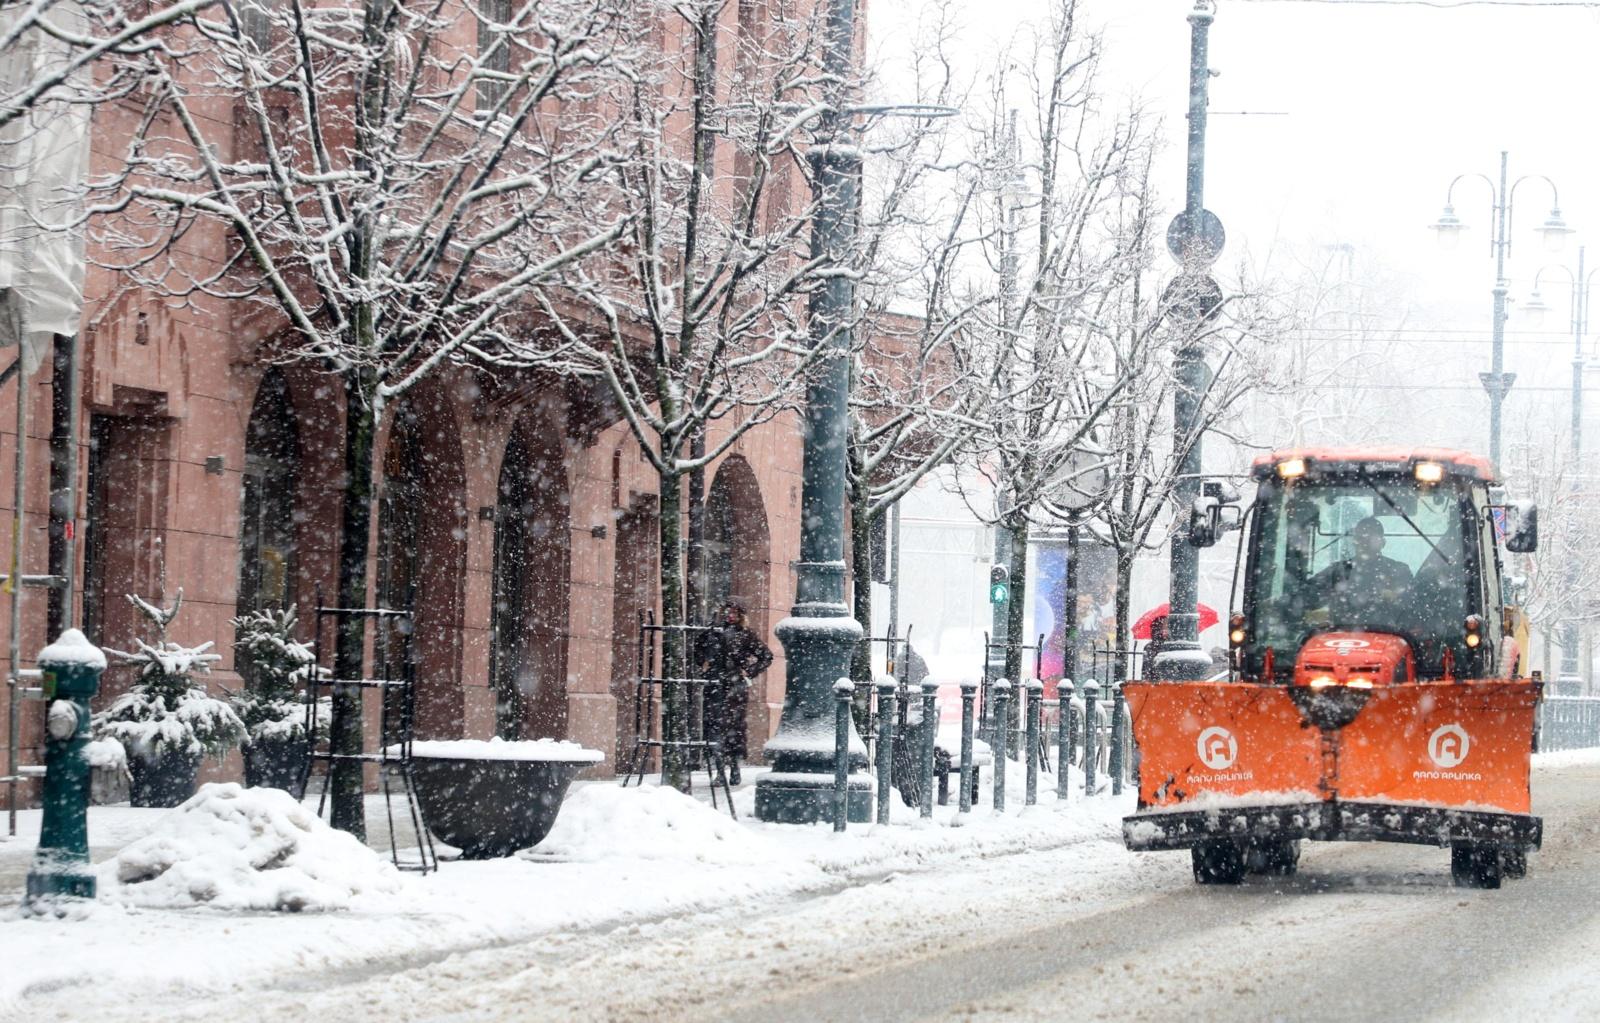 Išlaikyti žiemos egzaminą Vilniuje prireikė 11,5 tūkst. tonų druskos ir smėlio